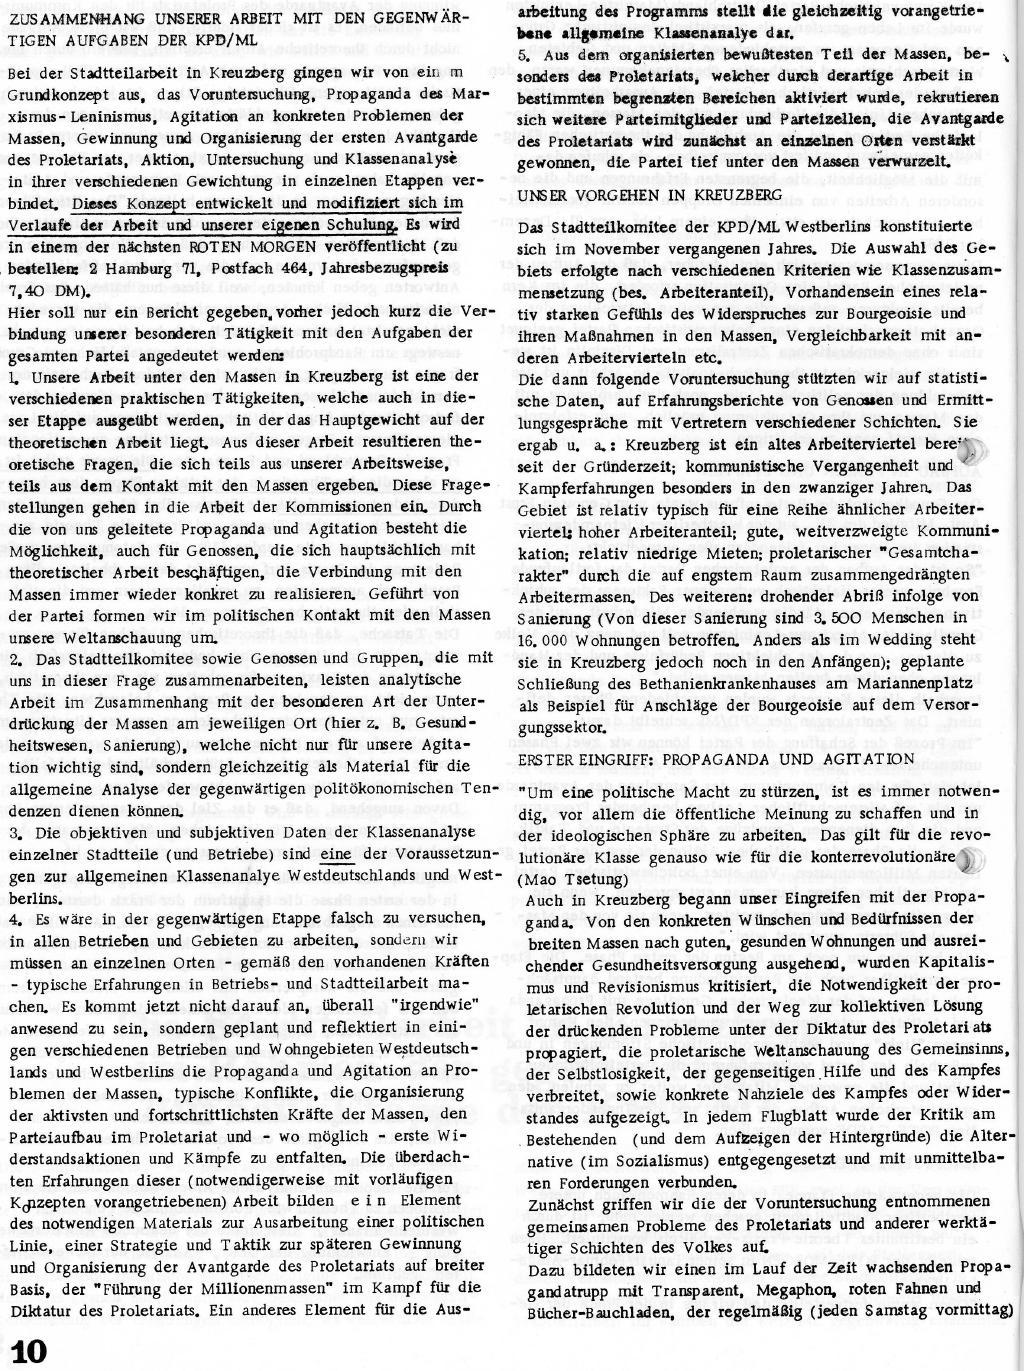 RPK_1970_056_057_10